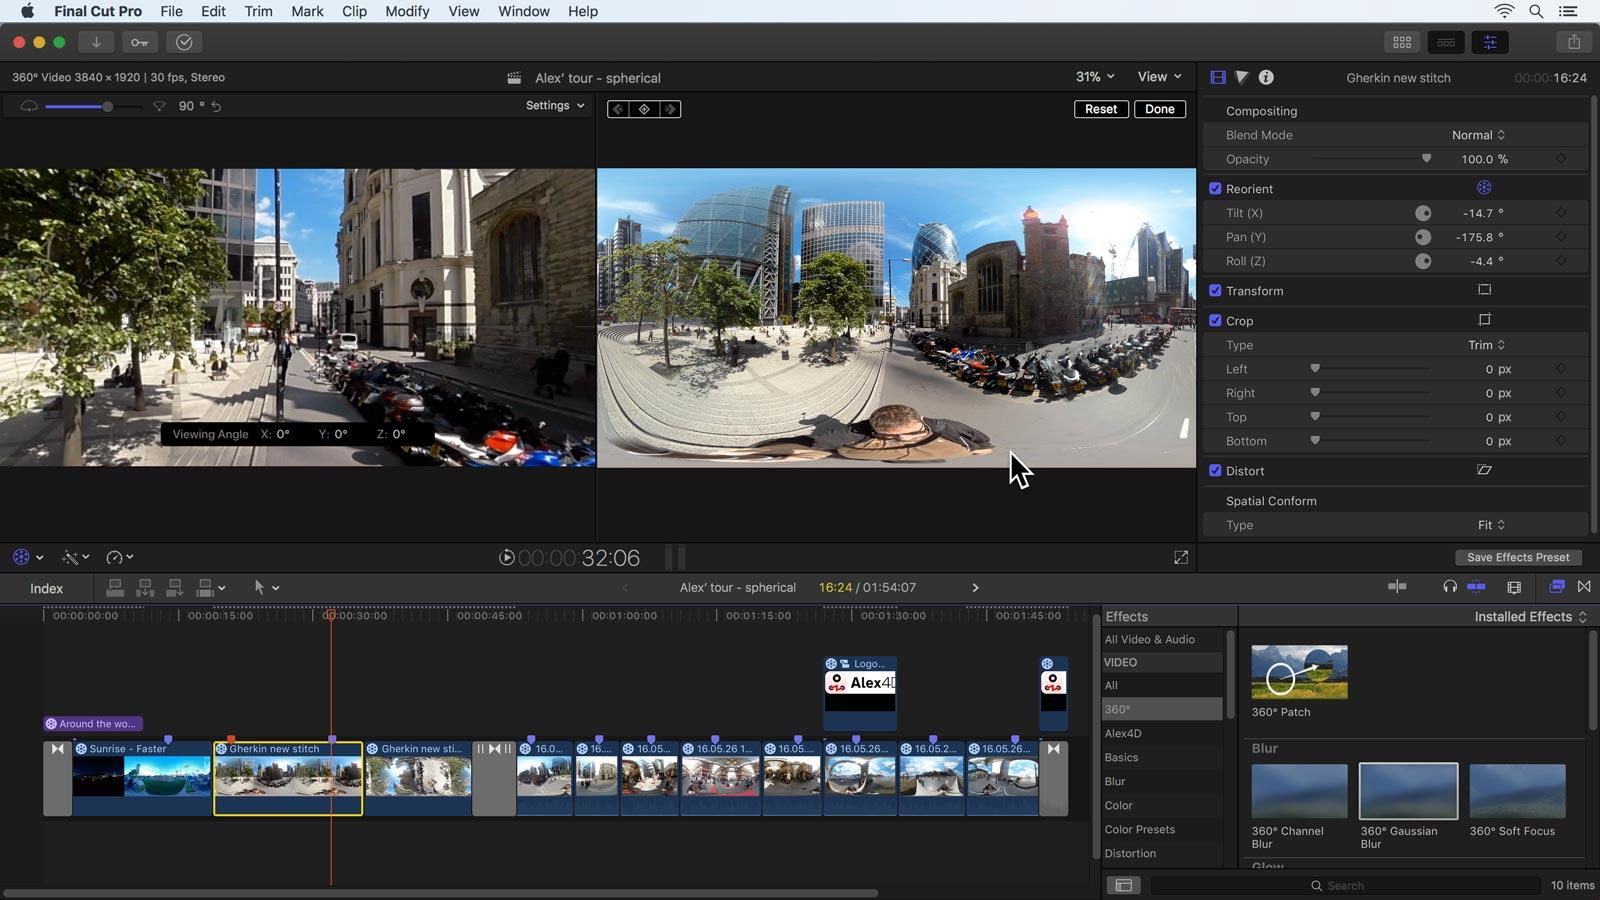 Apple Final Cut Pro 10 4: 360º spherical video, colour